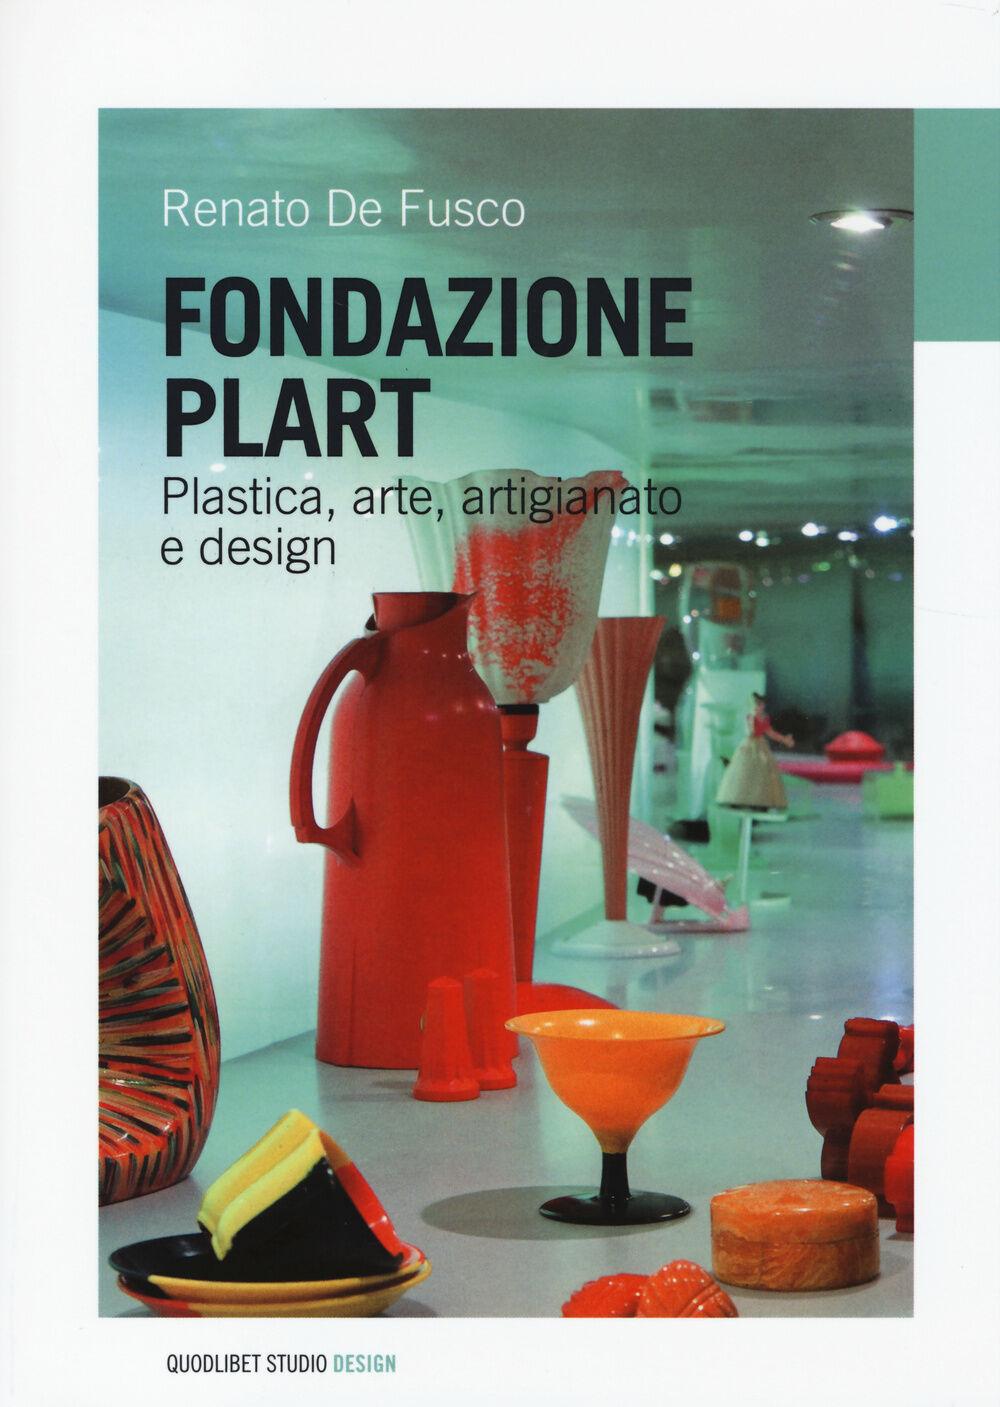 Fondazione Plart. Plastica, arte, artigianato, design